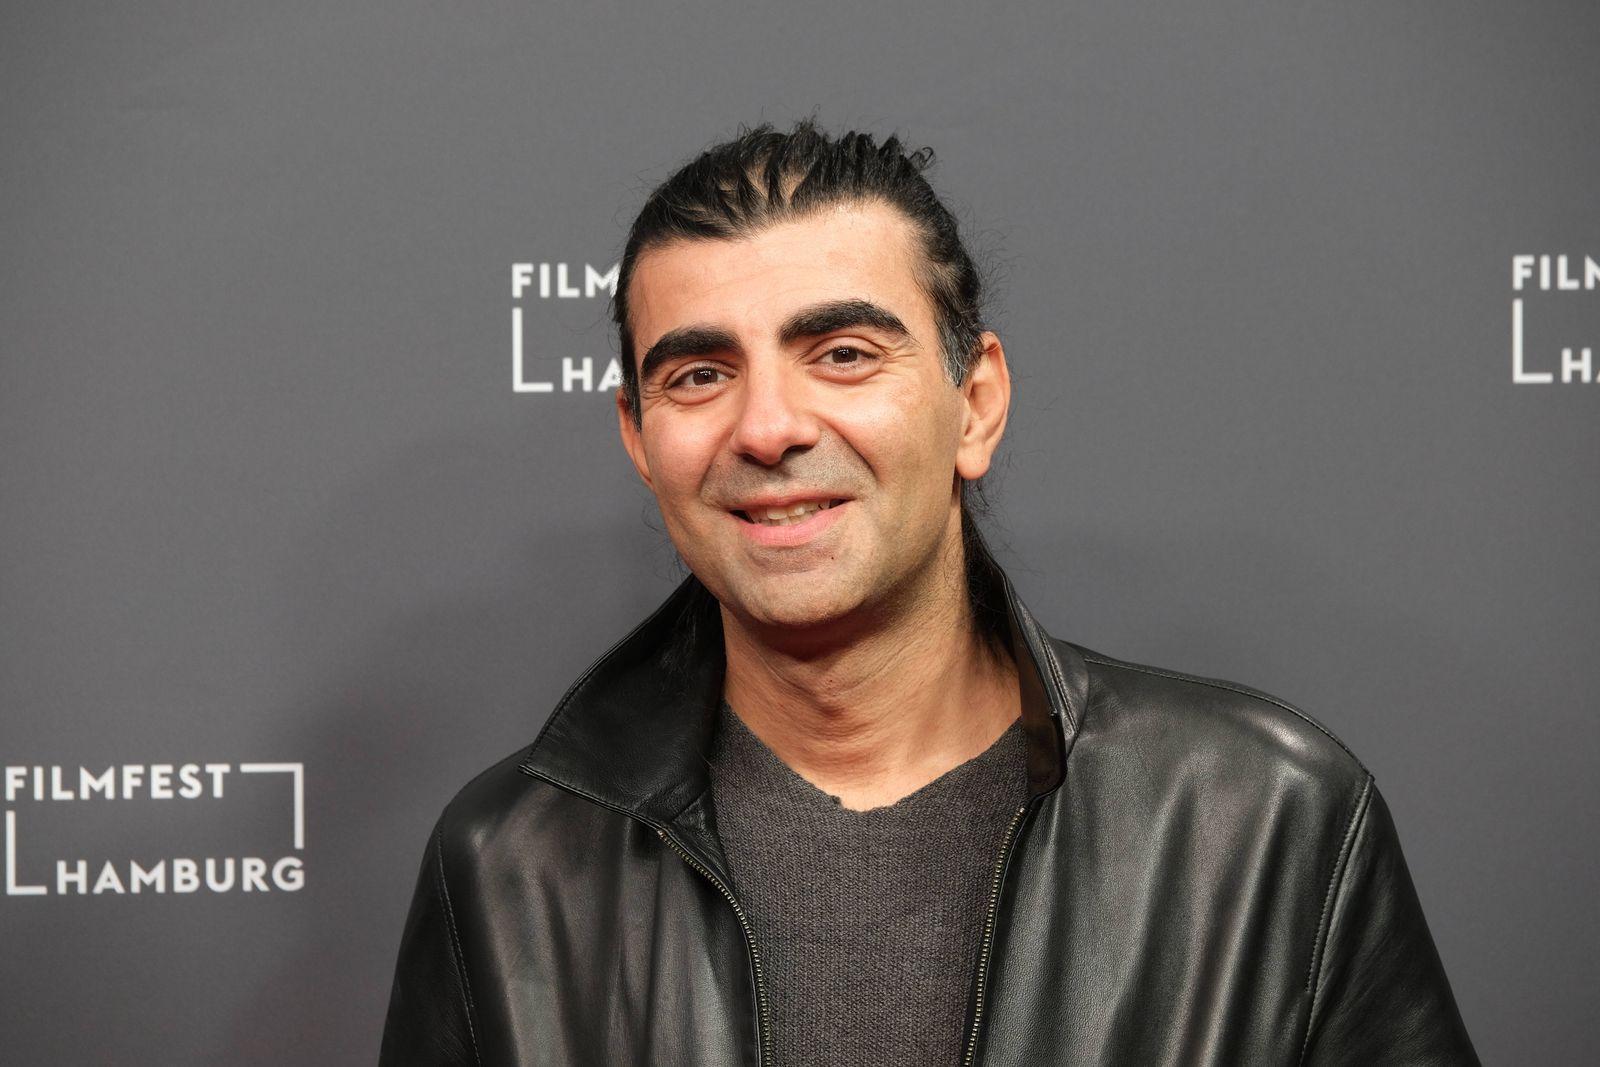 28. Filmfest Hamburg Fatih Akin Roter Teppich zur Premiere von Kurz und schmerzlos im Cinemaxx Kino Hamburg Dammtor 2.10